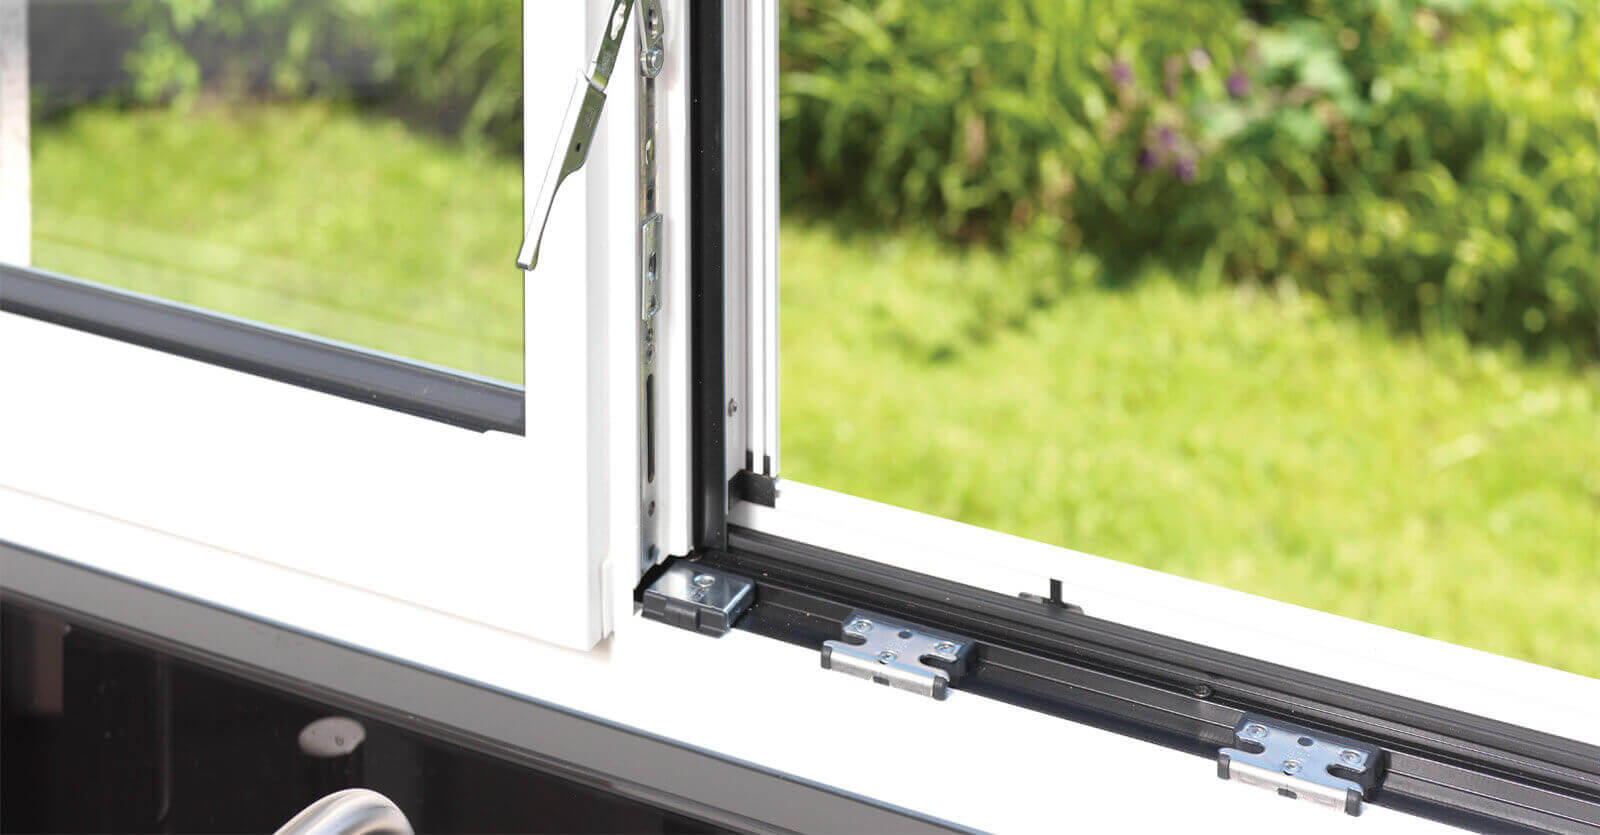 Full Size of Rc 2 Fenster Preis Anforderungen Montage Rc2 Test Definition Kosten Beschlag Fenstergriff Fenstergitter Ausstattung 4b Geprft Und Zertifiziert Rollo Pvc Bett Fenster Rc 2 Fenster